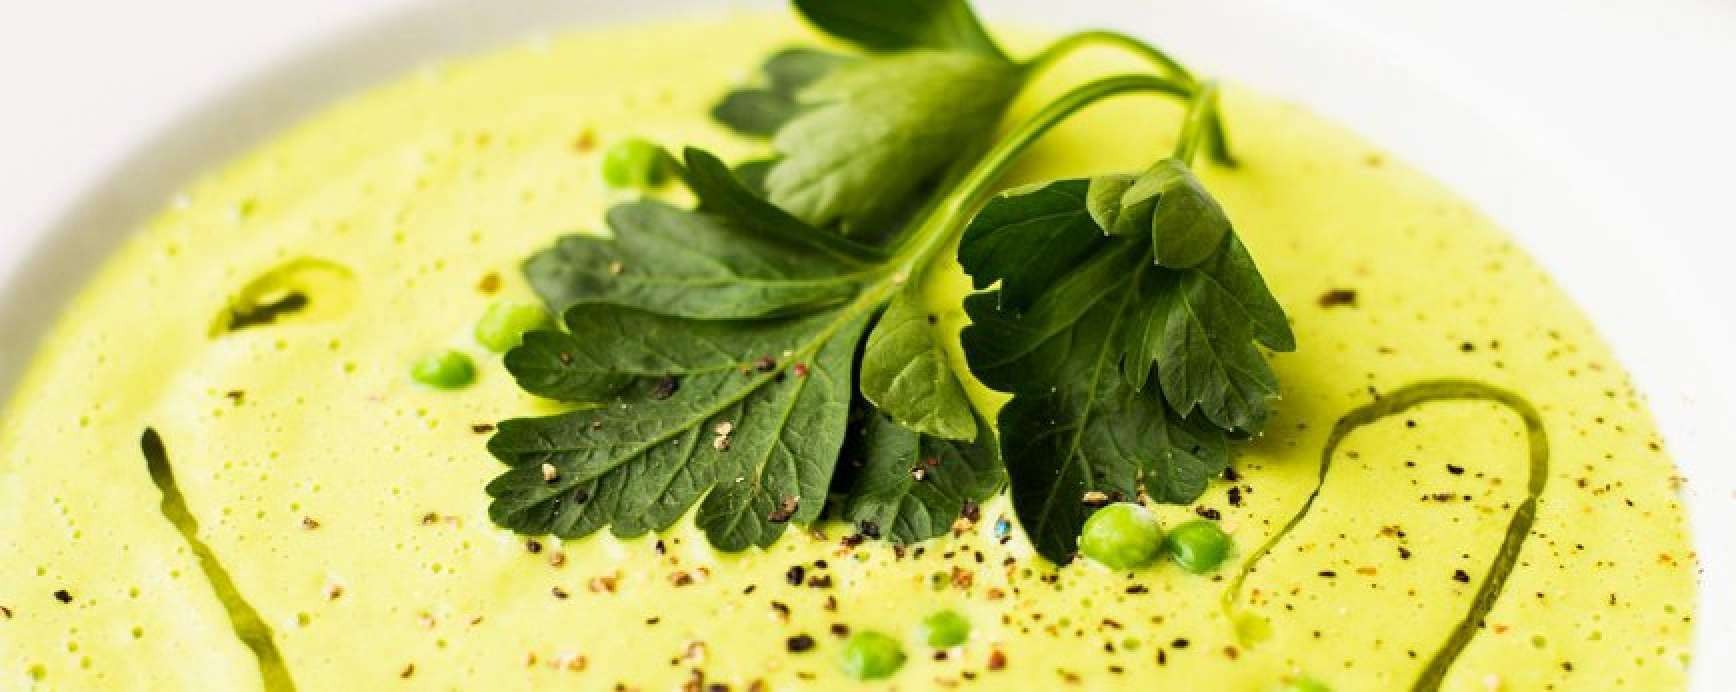 Cette recette de soupe de pois mousseuse sans gluten est remplie de vitamine K. L'huile de noix et le persil enrichissent le goût. Soupe saine et savoureuse aux épices